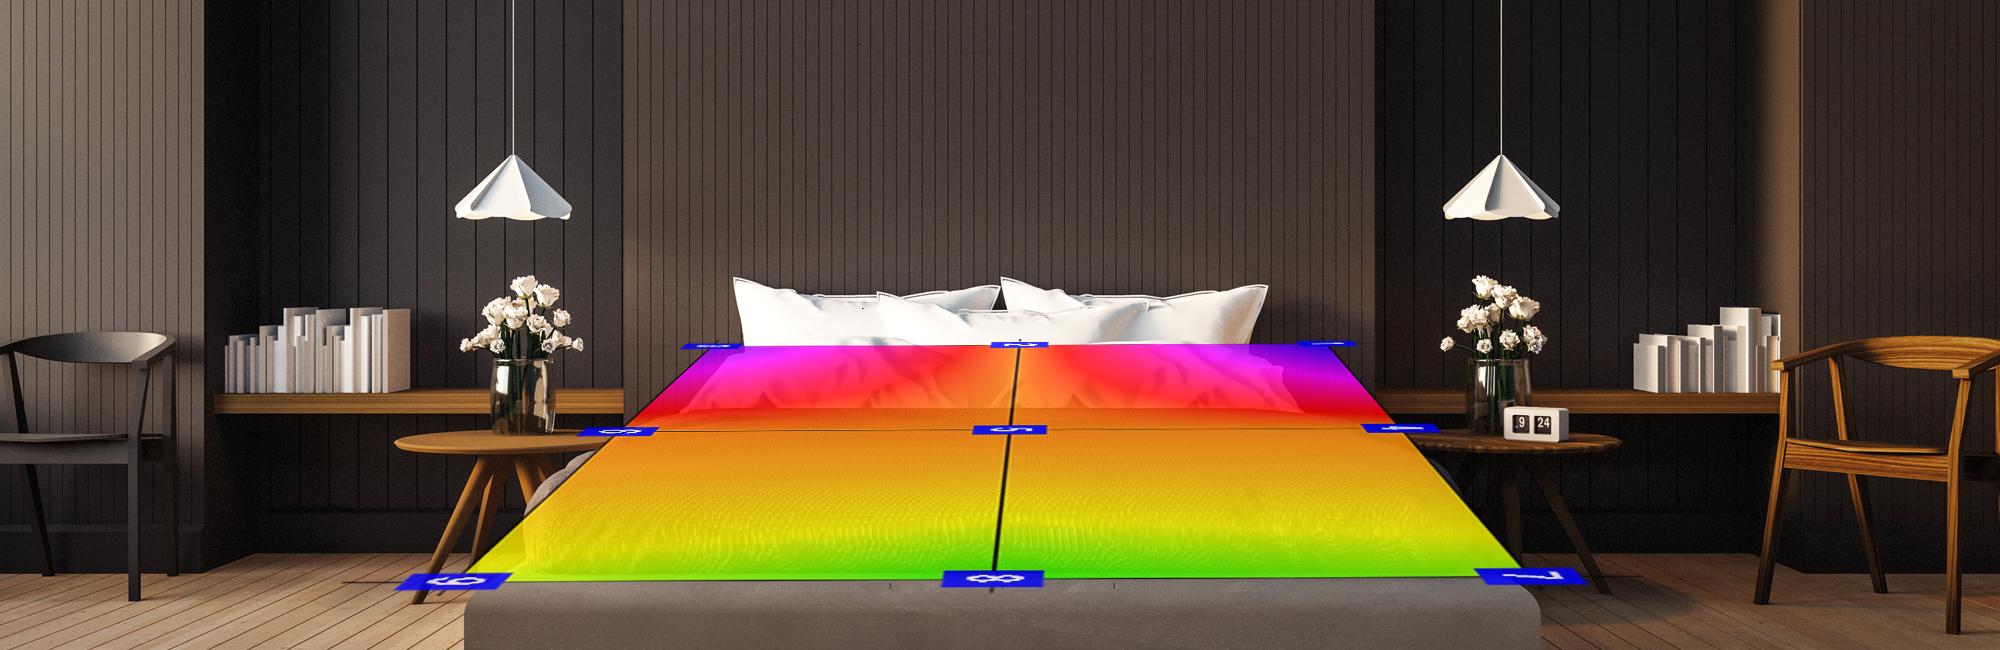 Elektrosmog - elektrisches Wechselfeld - Schlafplatzuntersuchung